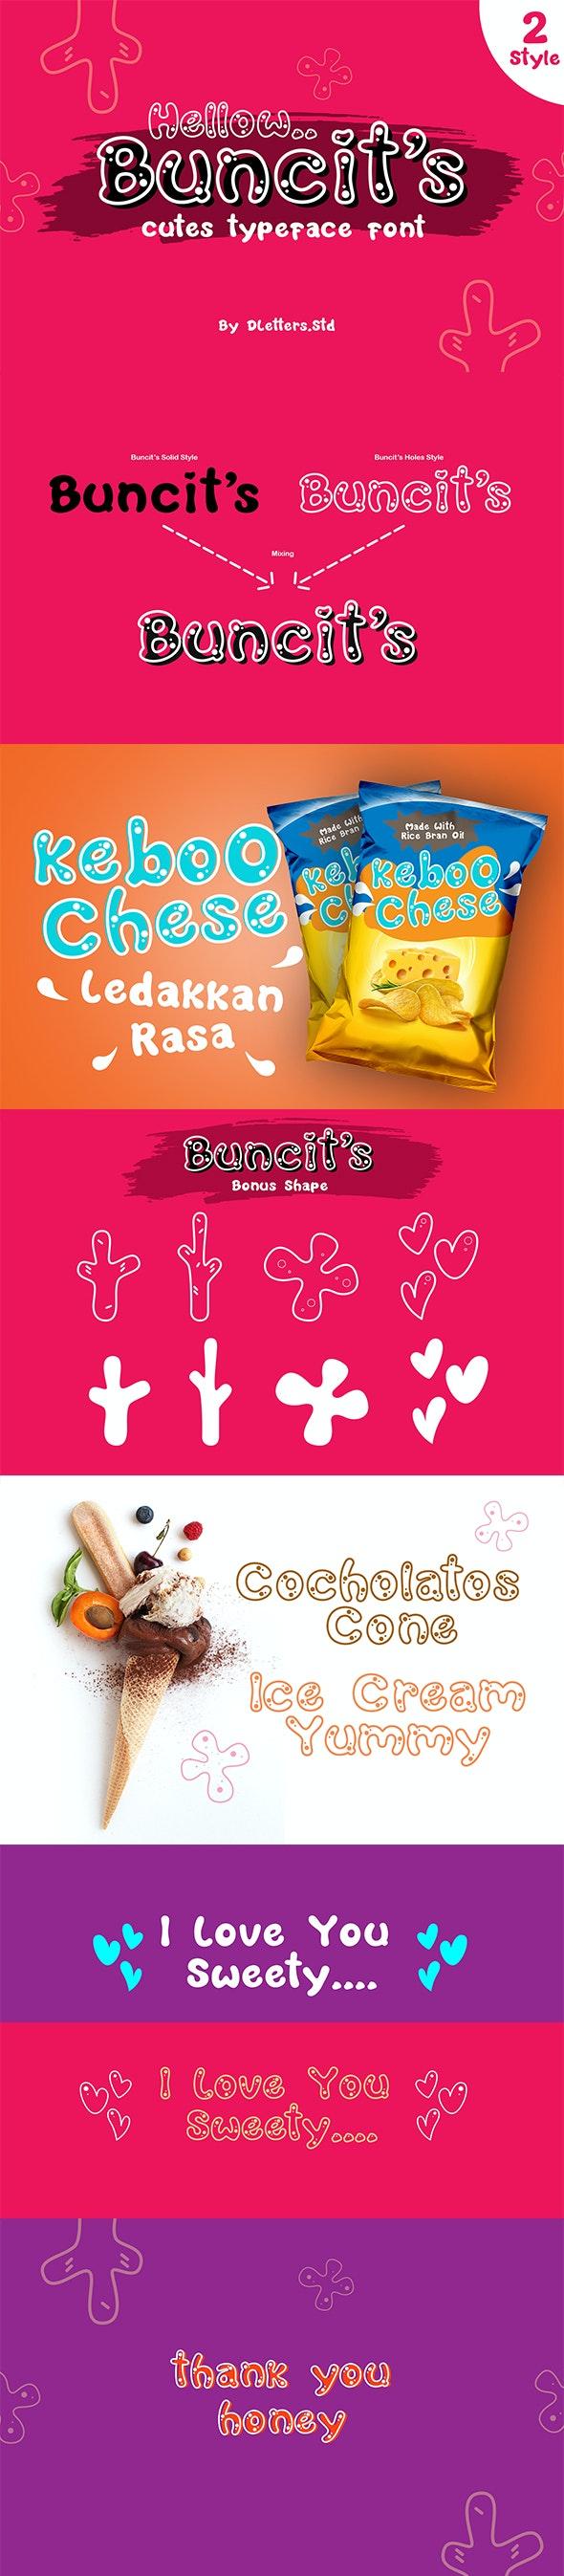 Buncit's Cutes TypeFace Font – 2 Style - Decorative Fonts